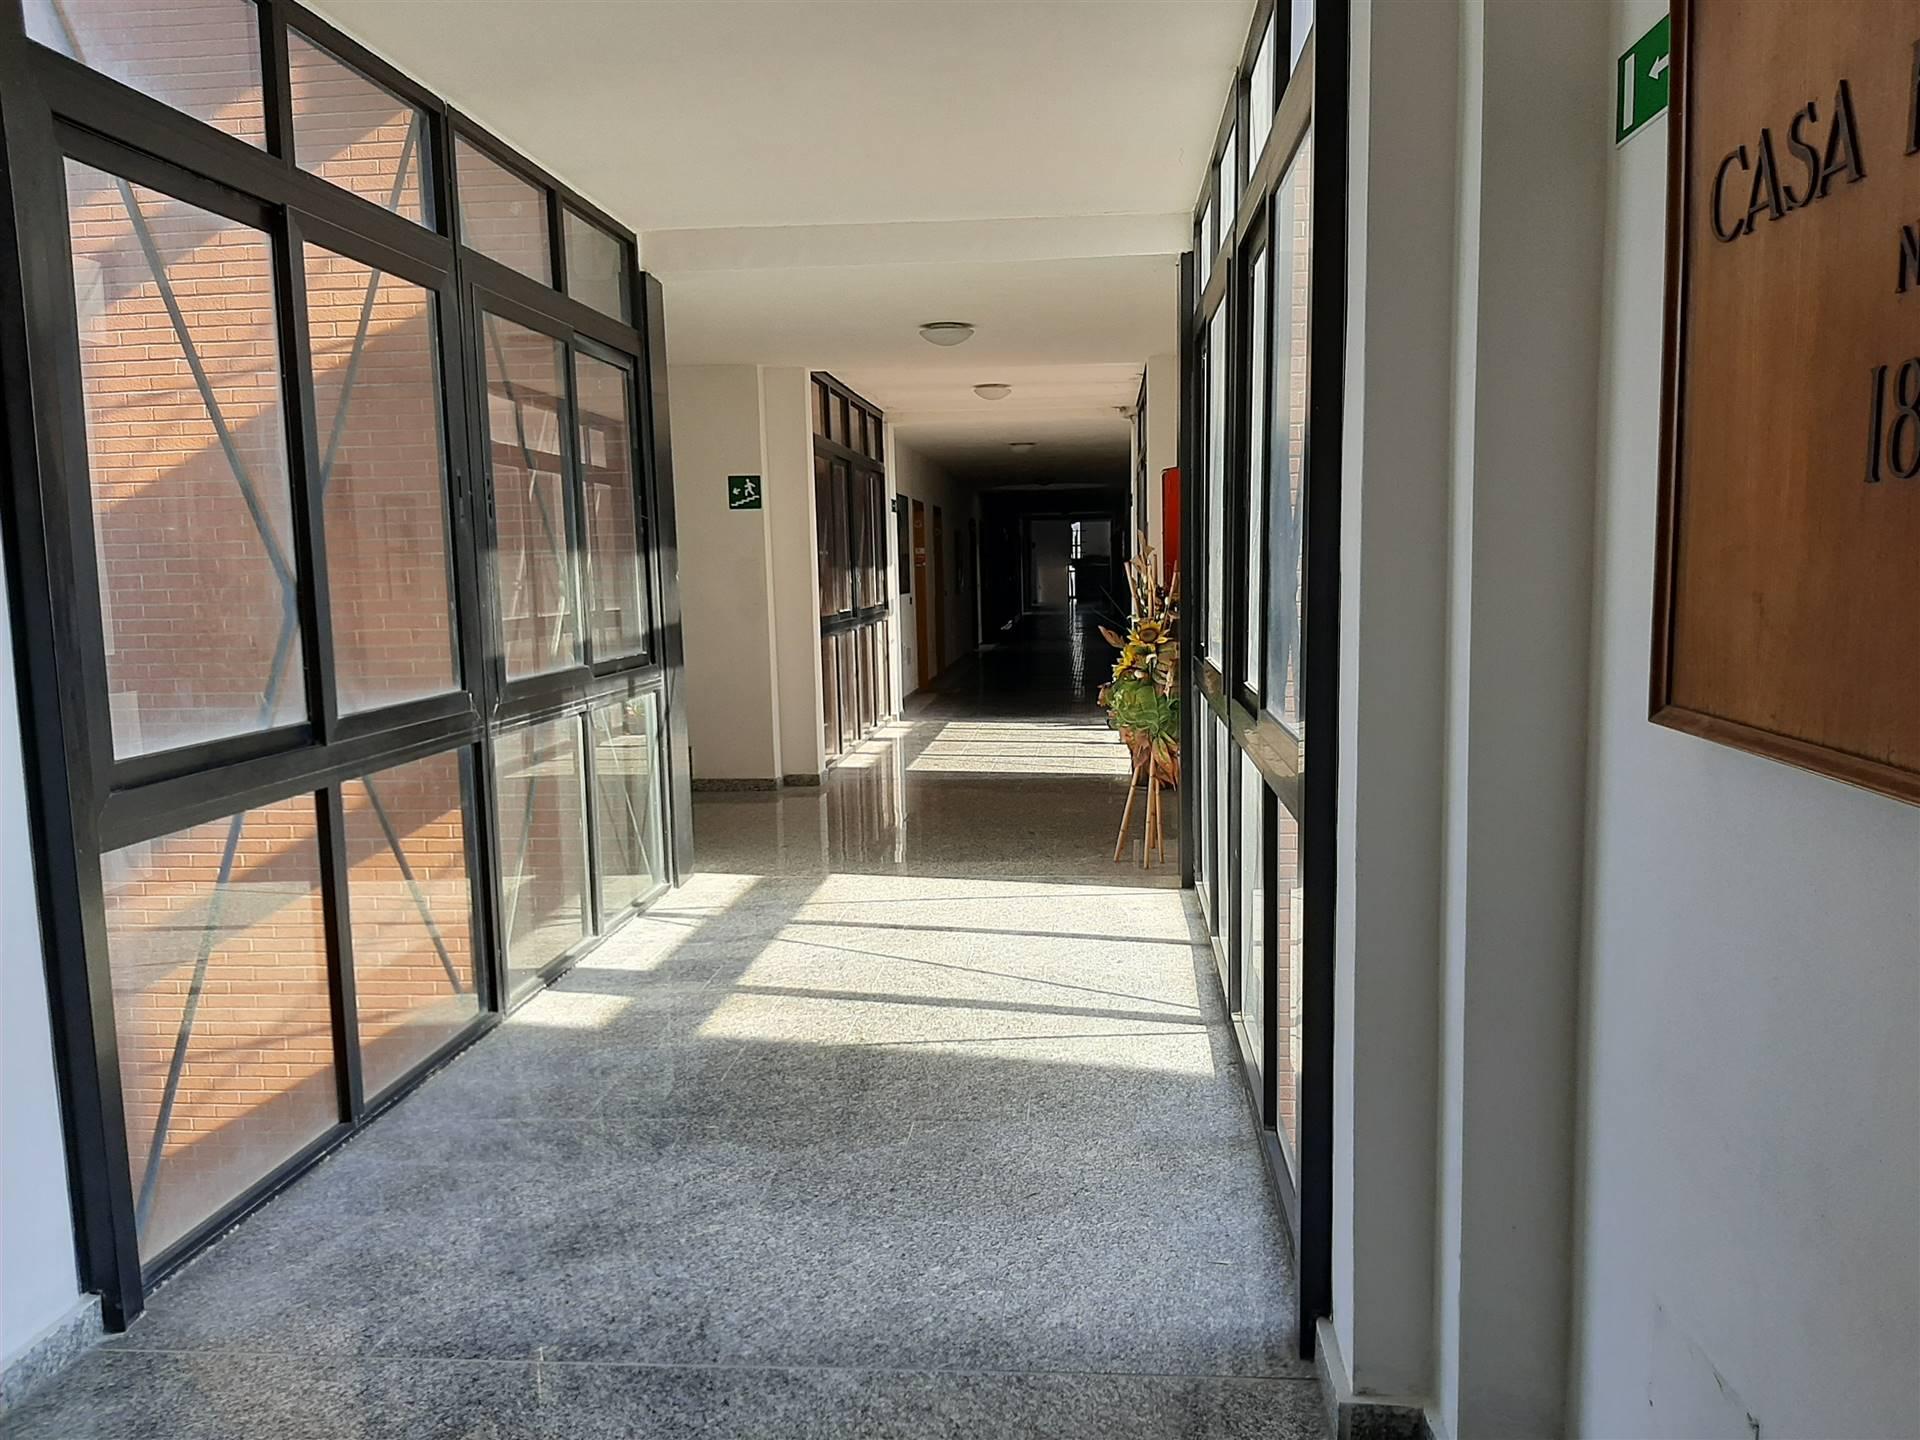 Riferimento 25GAFC Livorno affittasi locale ad uso ufficio di 100 metri quadrati in contesto di attività commerciali e direzionali con ottima